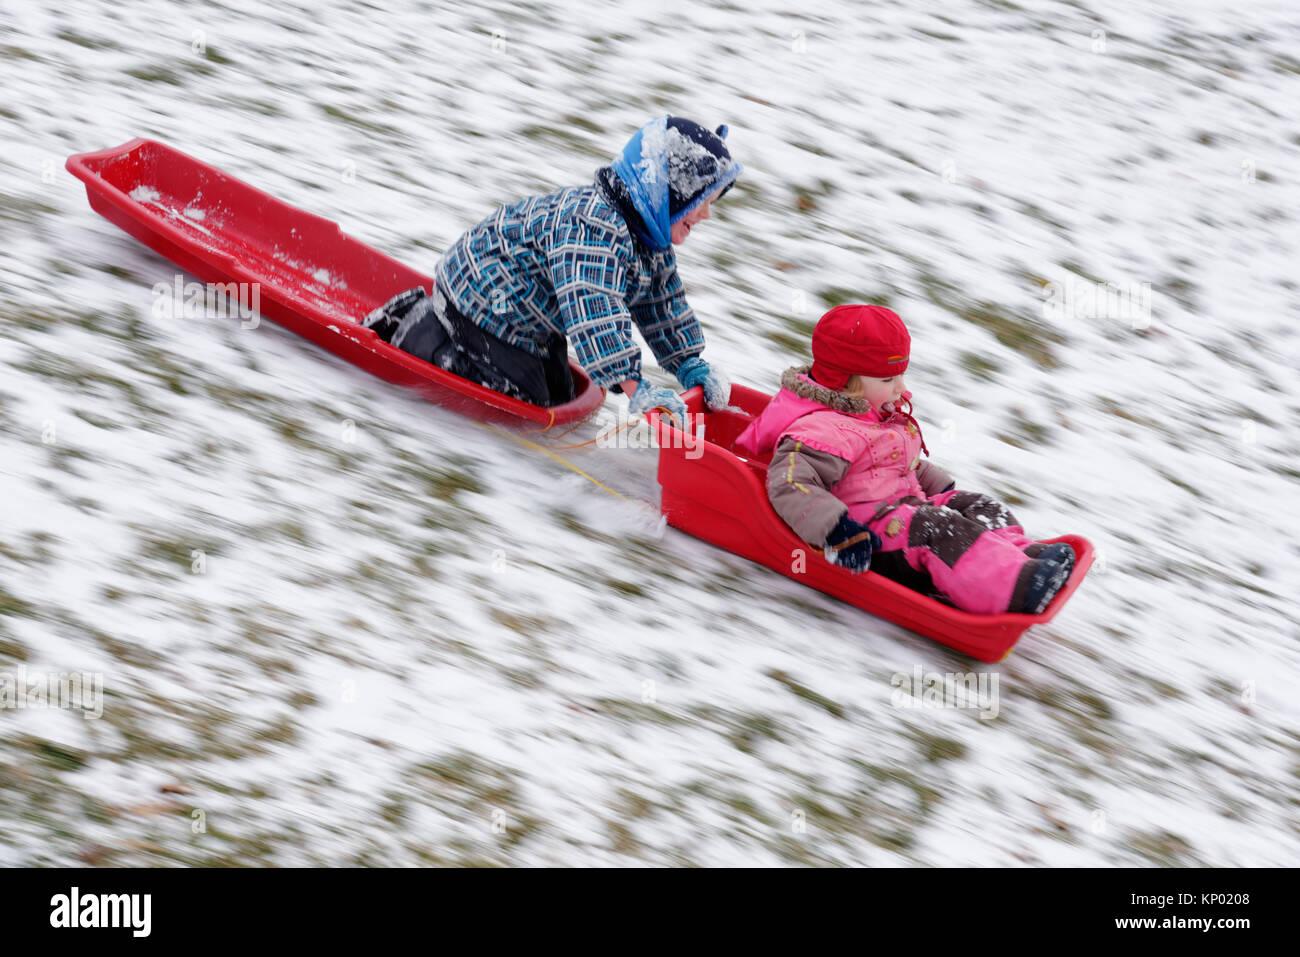 Frère et soeur (5 et 3 ans) de la luge ensemble dans la ville de Québec Photo Stock